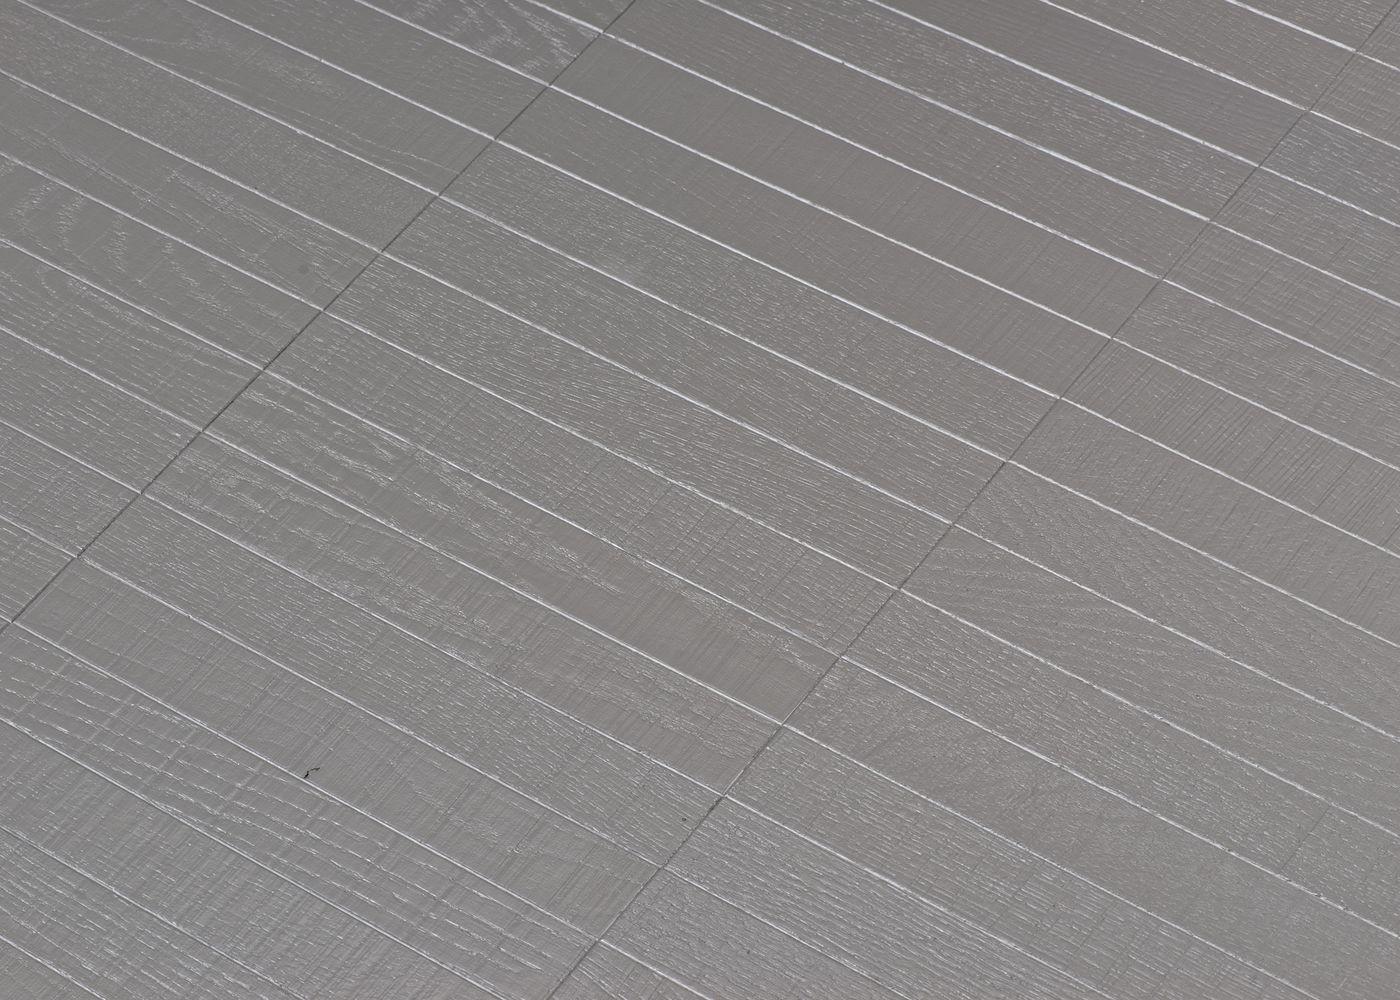 Parquet Contrecollé Chêne G2 Prbis Contemporain Brossé - Retina Large - Fsc Velours